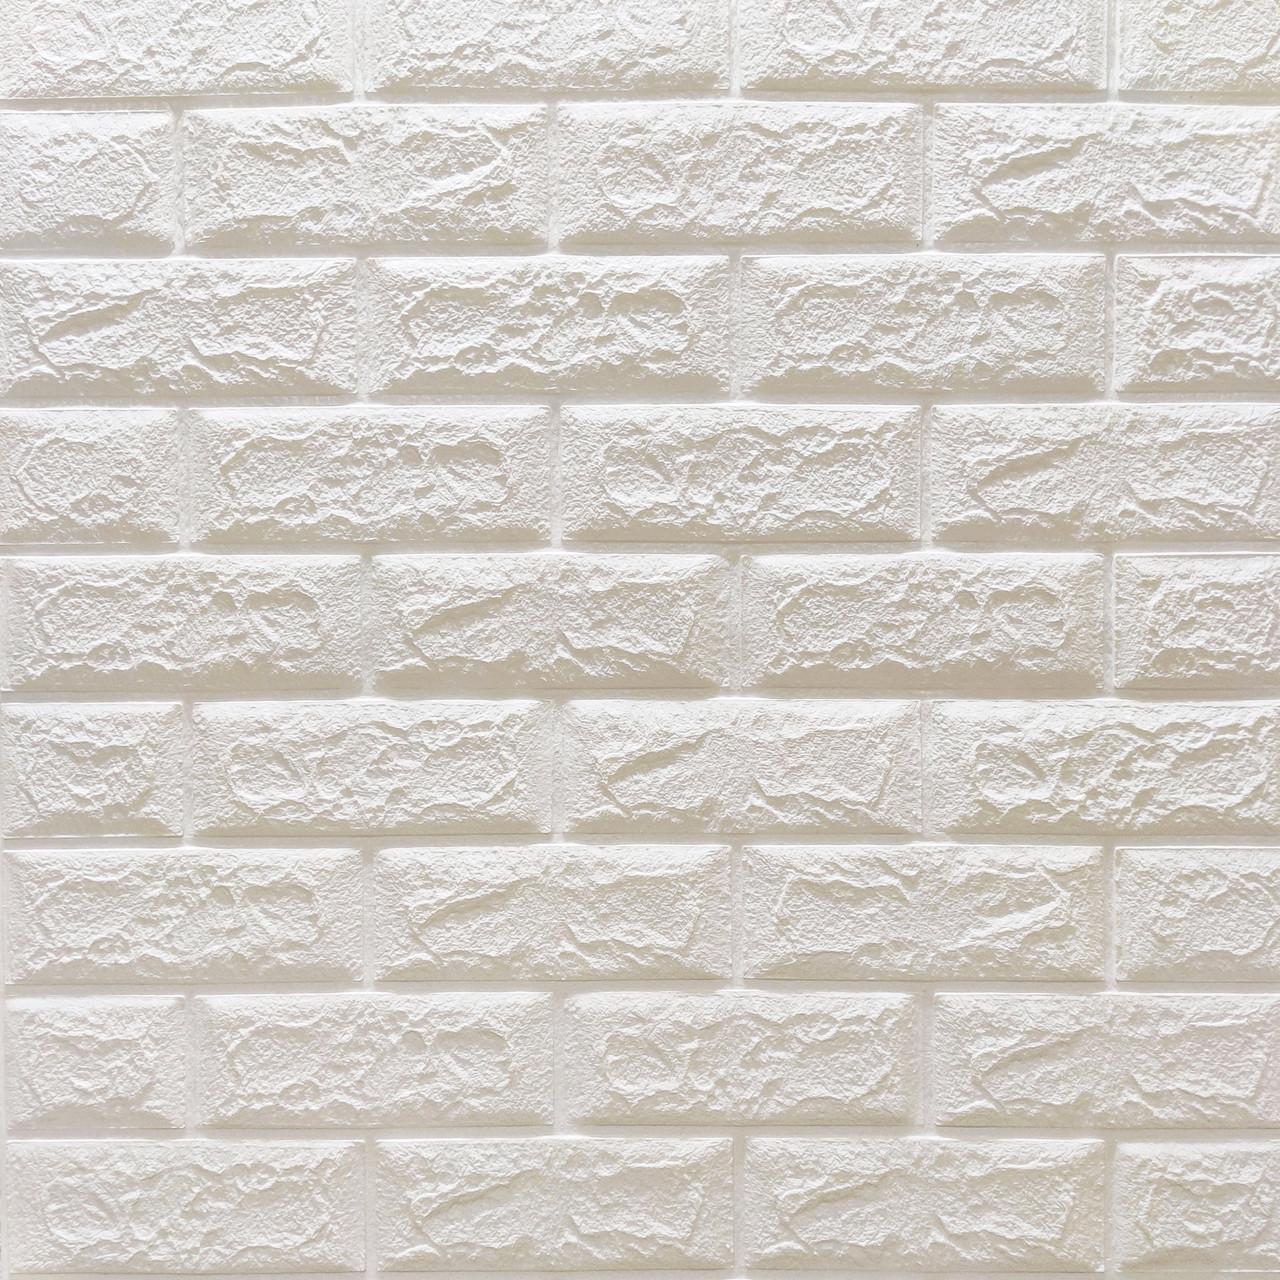 3д панель Глянцевый Белый Кирпич (самоклеющиеся 3d для стен декоративные ПВХ панели) 700x770x5 мм